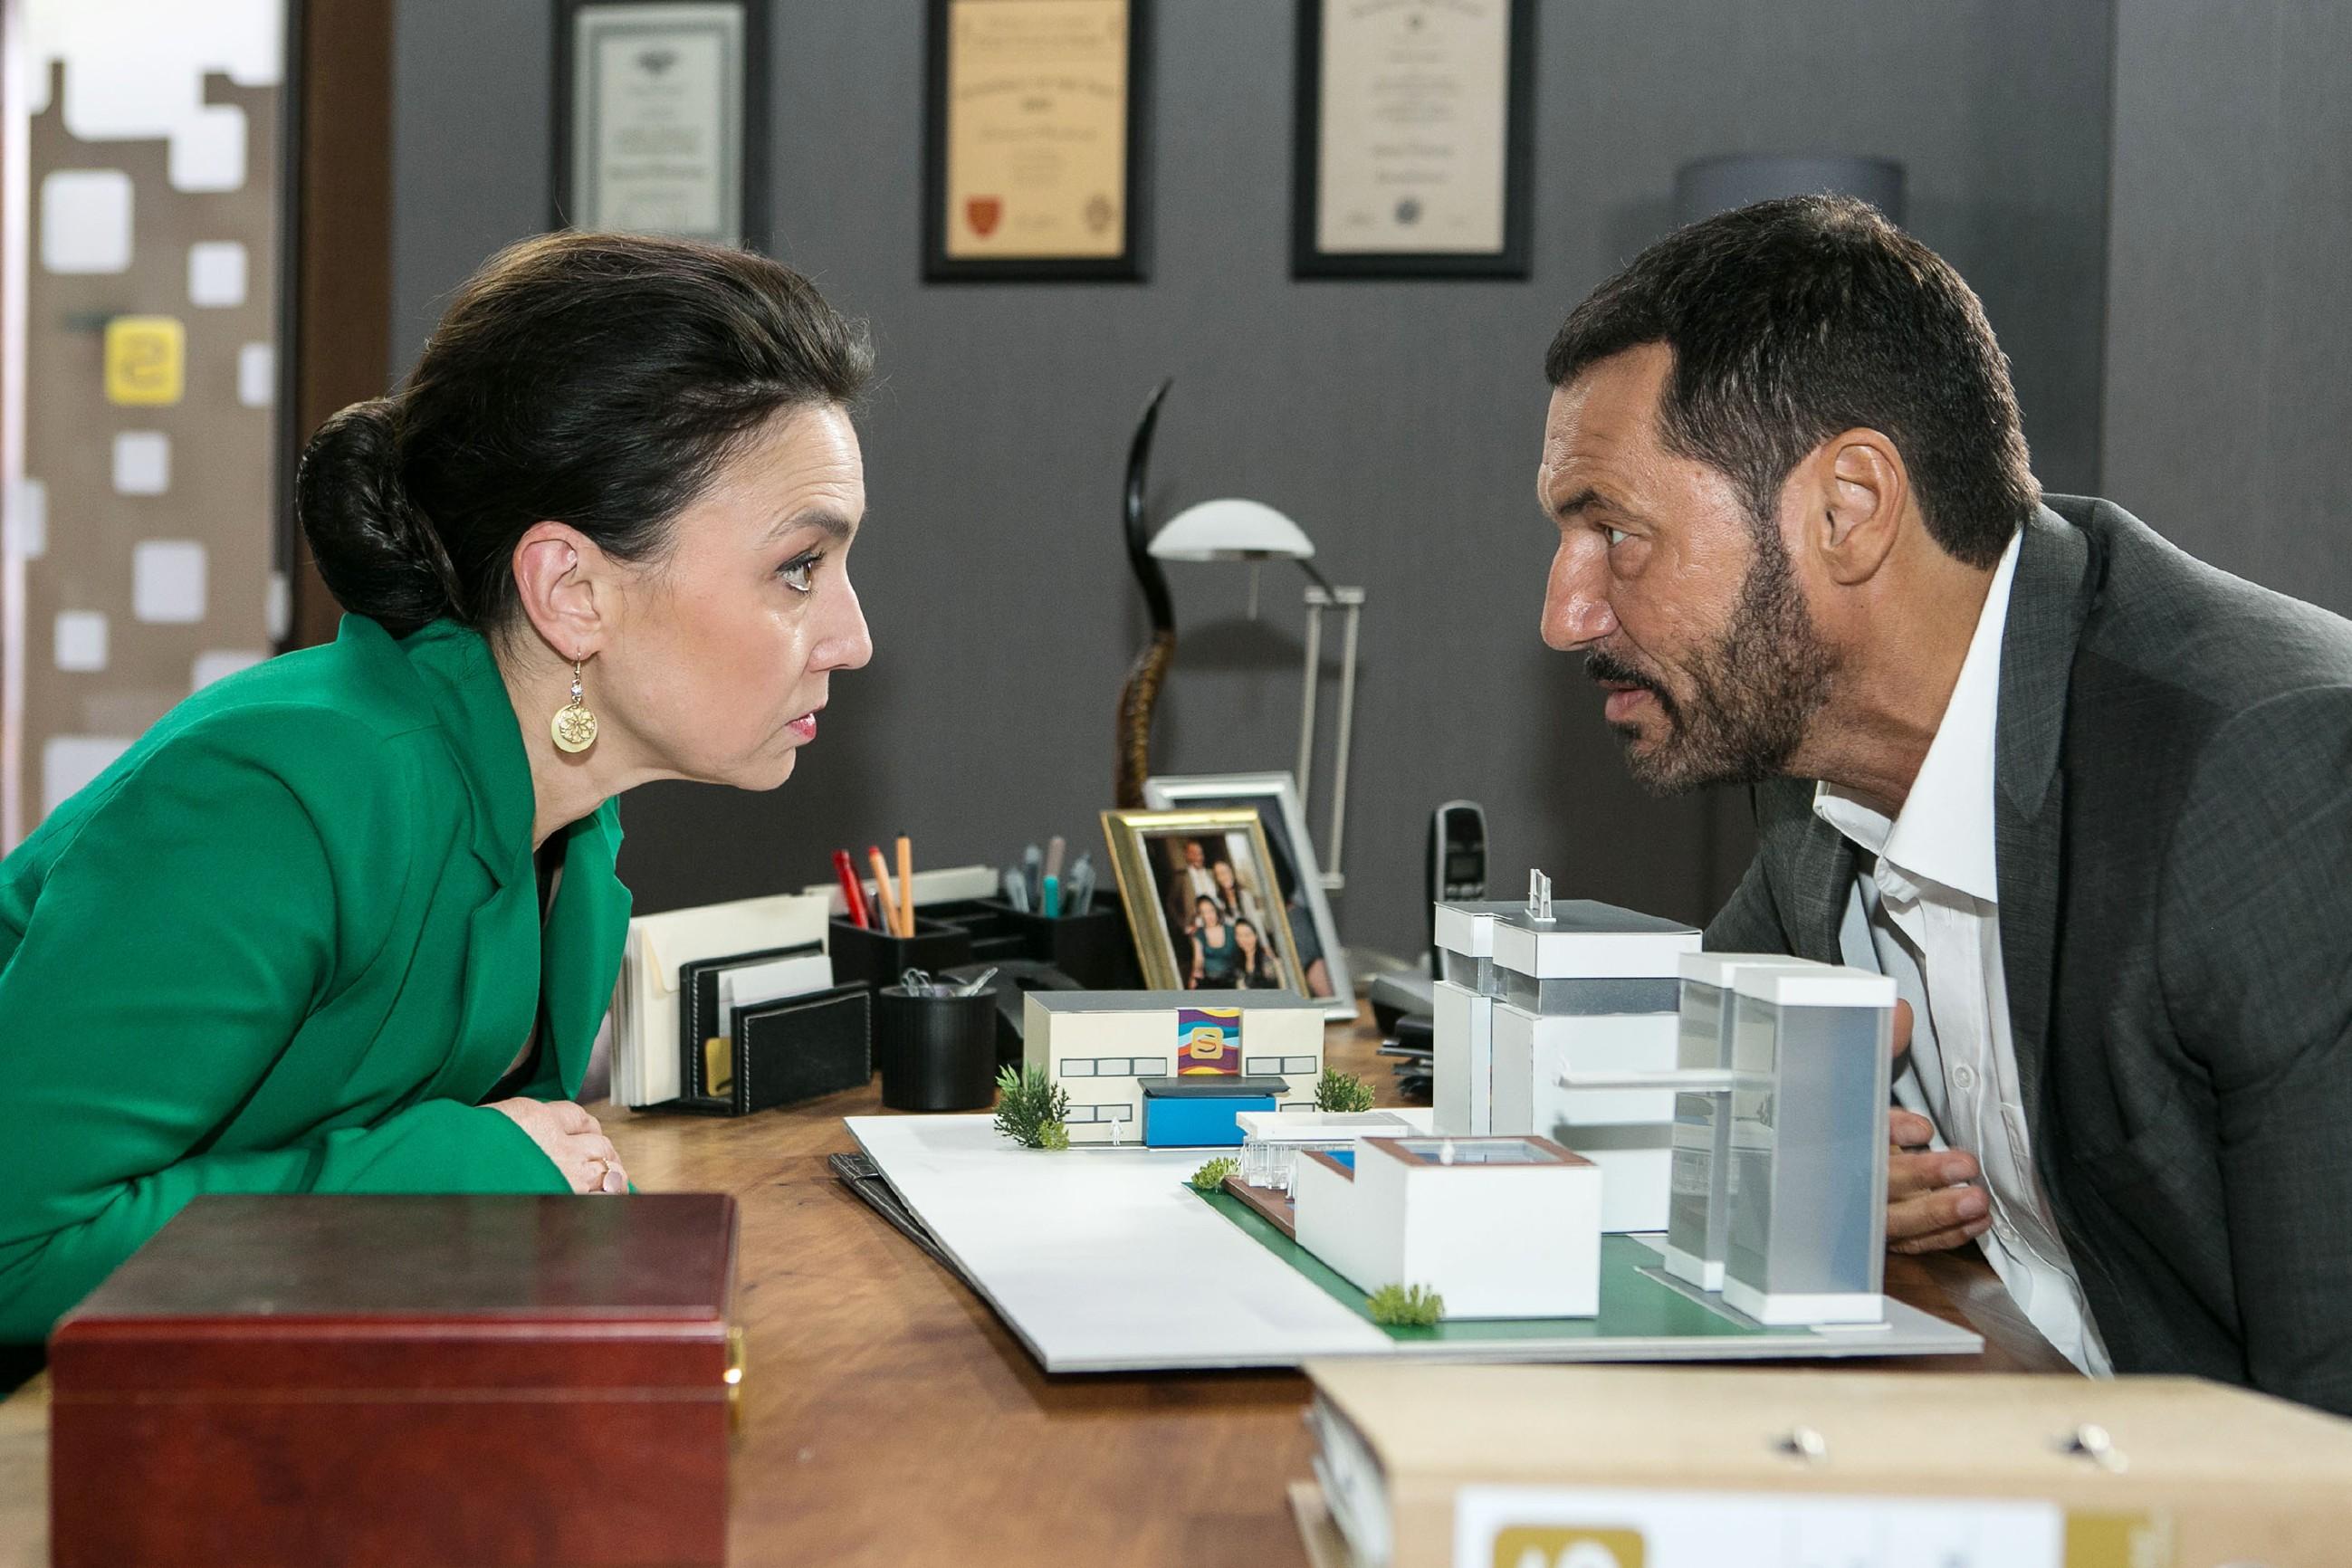 Simone (Tatjana Clasing) und Richard (Silvan-Pierre Leirich) müssen die Wogen bei den Siedlungsbewohnern glätten, damit ihre Pläne zu dem Luxus-Resorts nicht in Gefahr geraten.  (Quelle: © RTL / Kai Schulz)